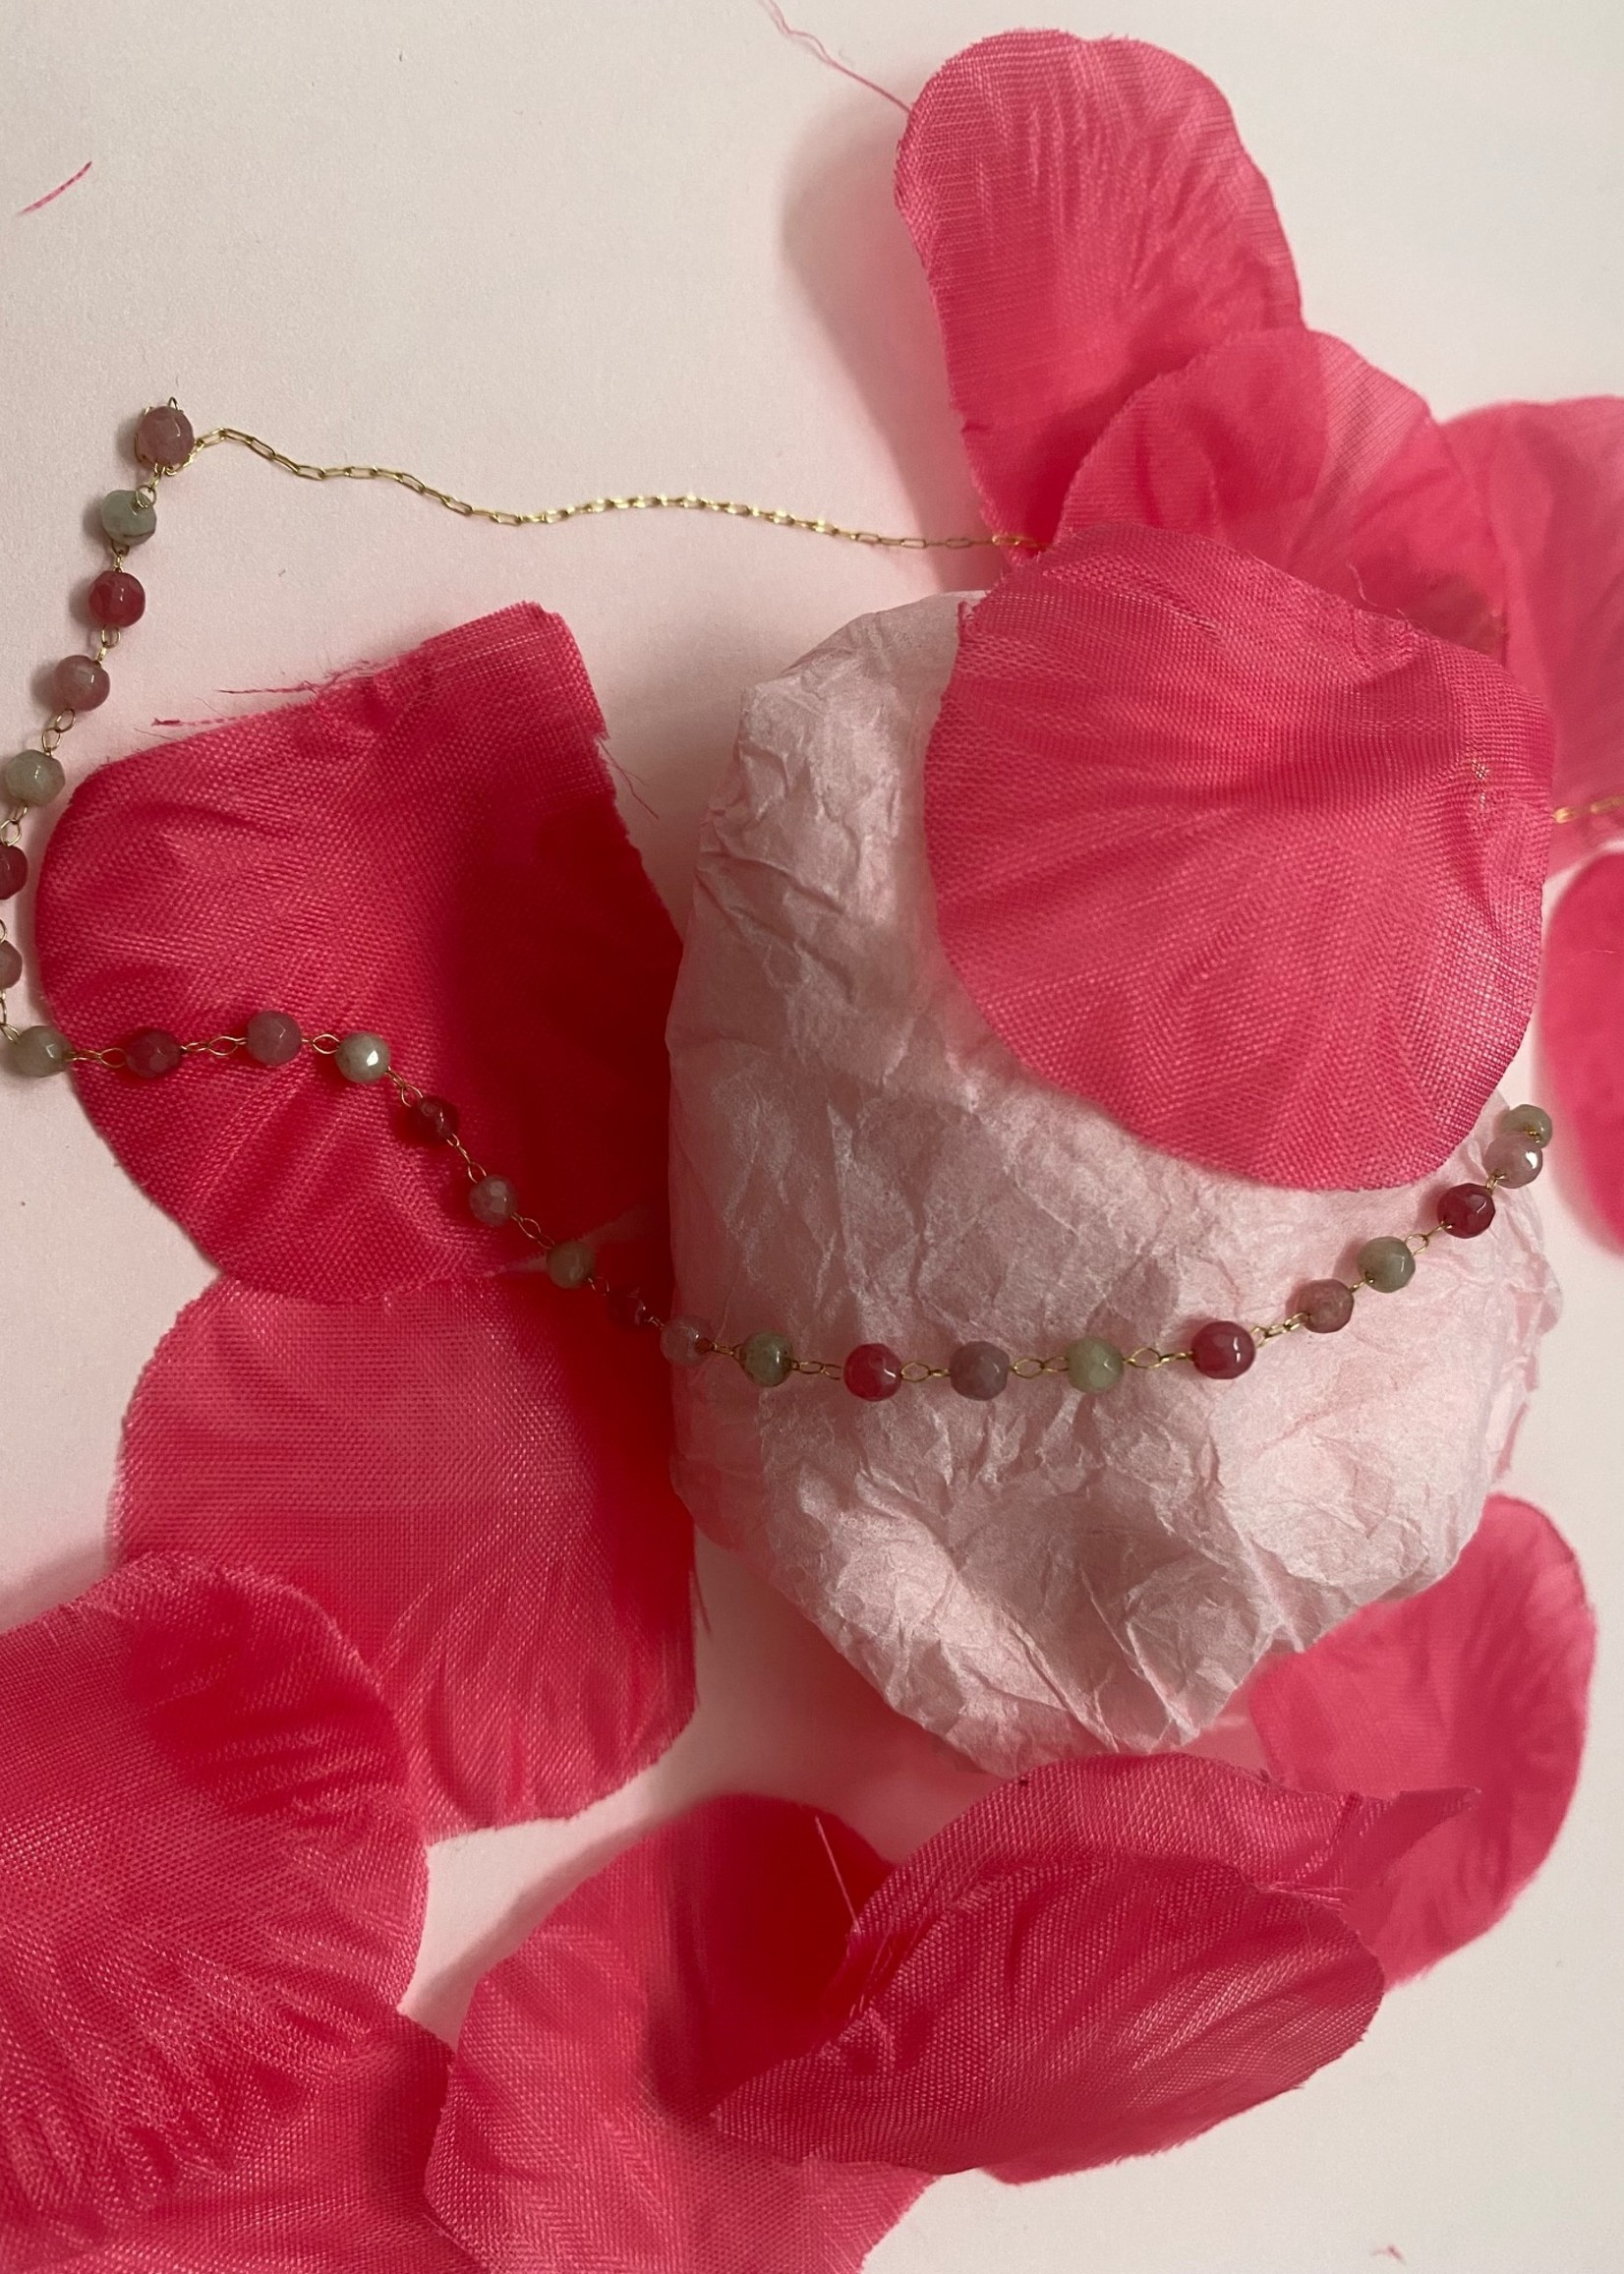 ketting met roze bolletjes